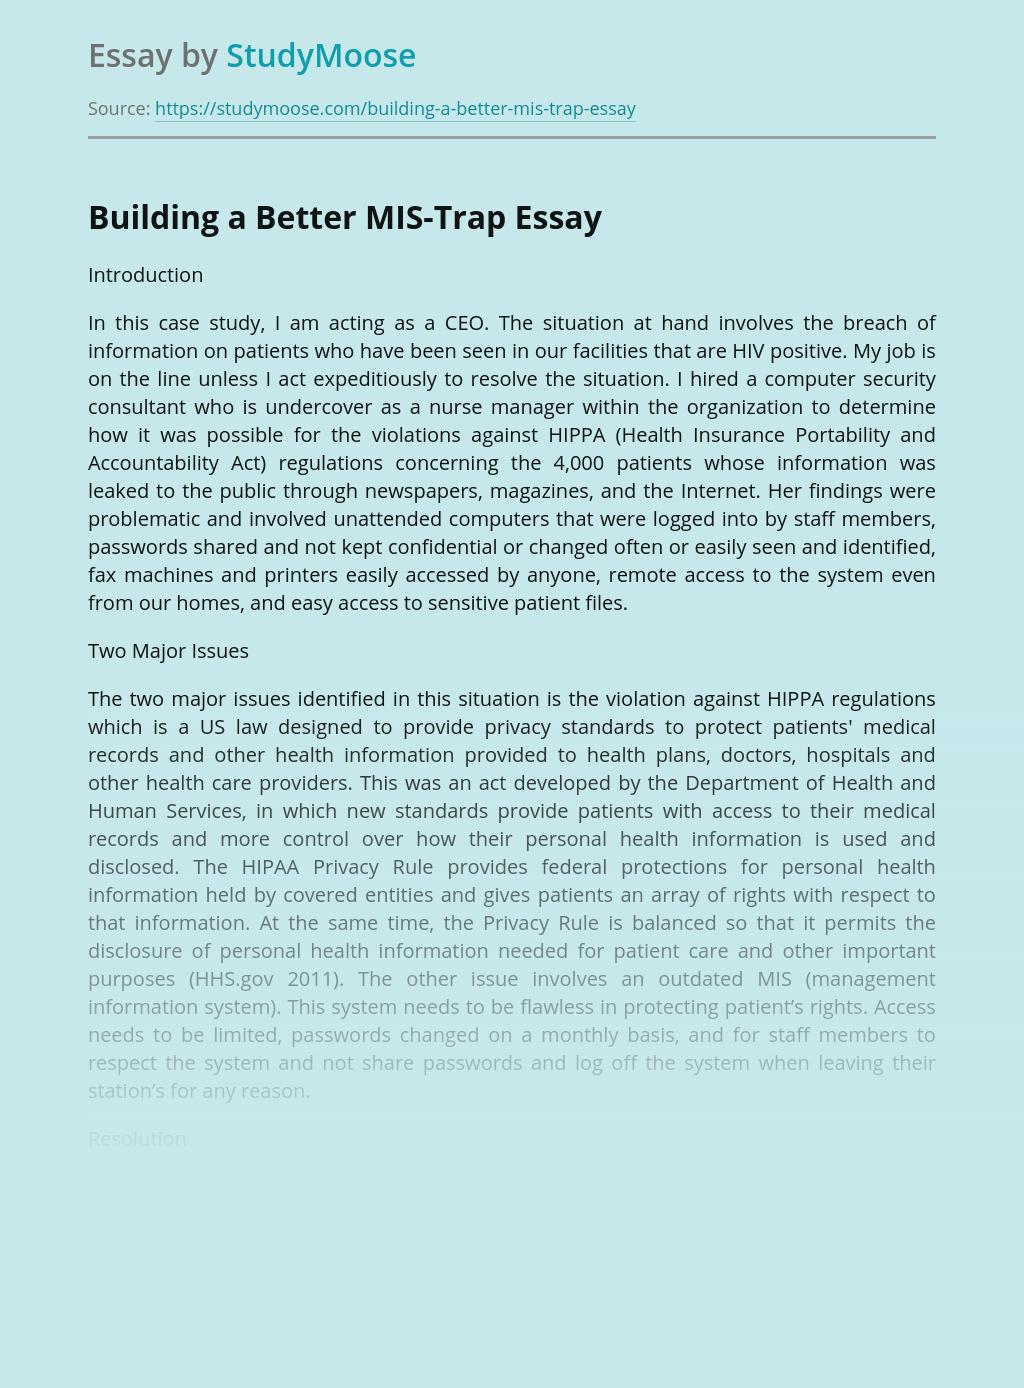 Building a Better MIS-Trap